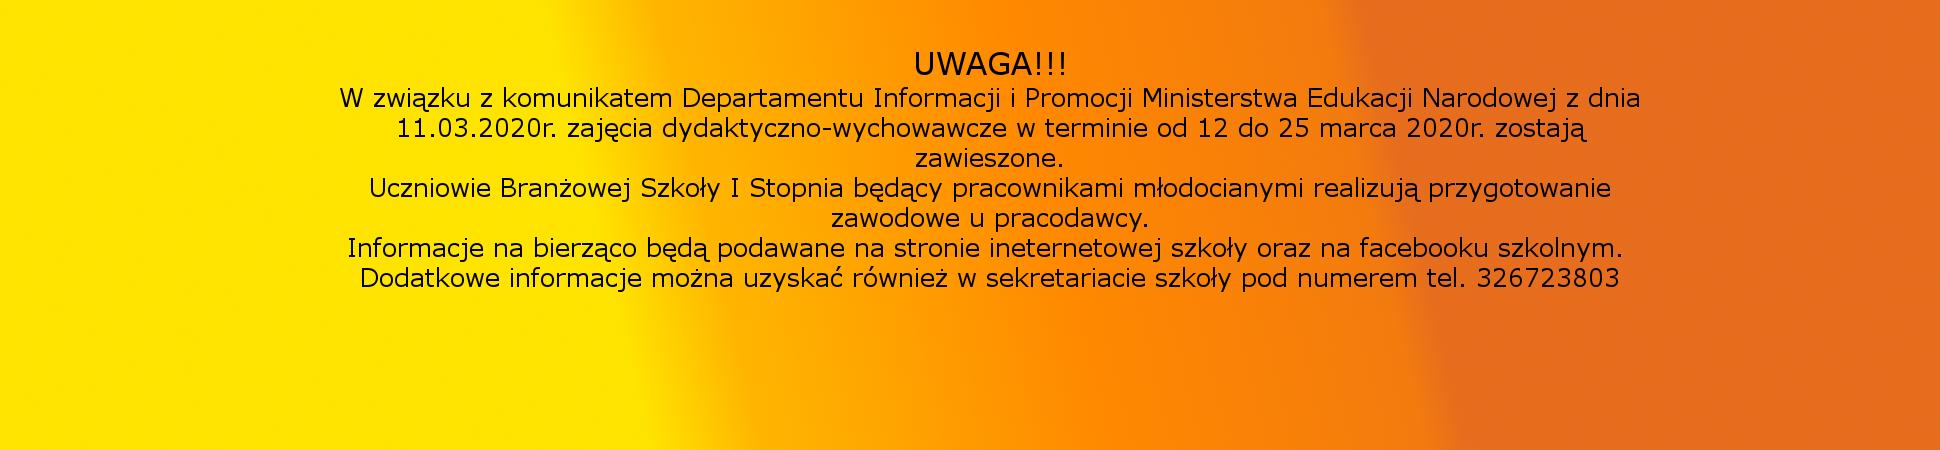 ogloszenie3